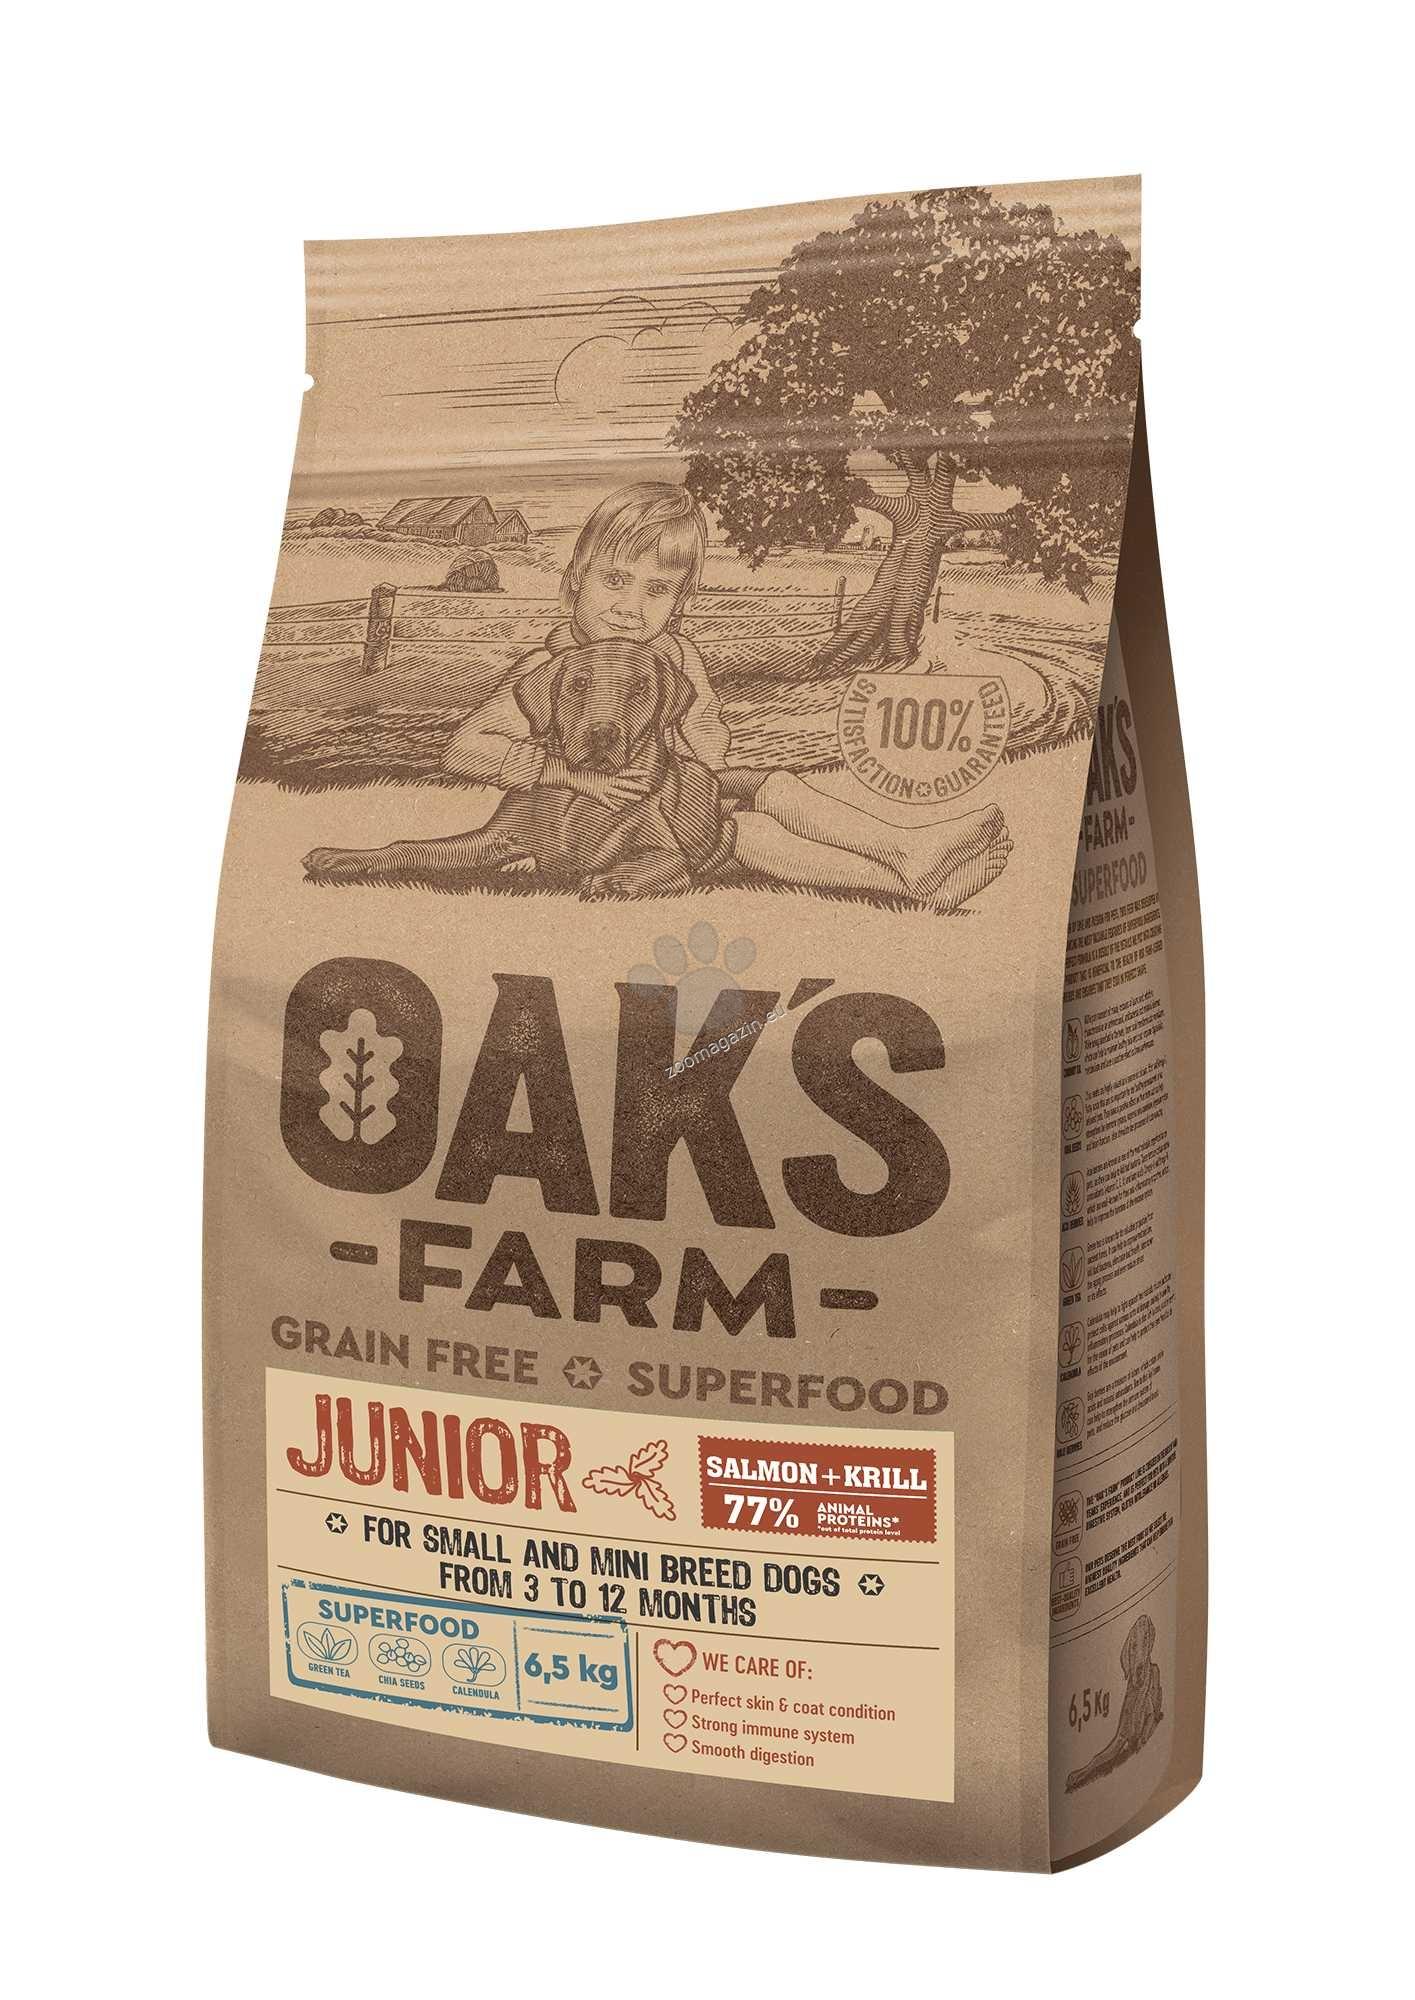 Oaks Farm Junior Salmon with Krill Small-Mini Breeds - пълноценна храна със сьомга и крил, без зърнени култури за подрастващи кученца от малки и мини породи от 3 до 12 месеца 18 кг.